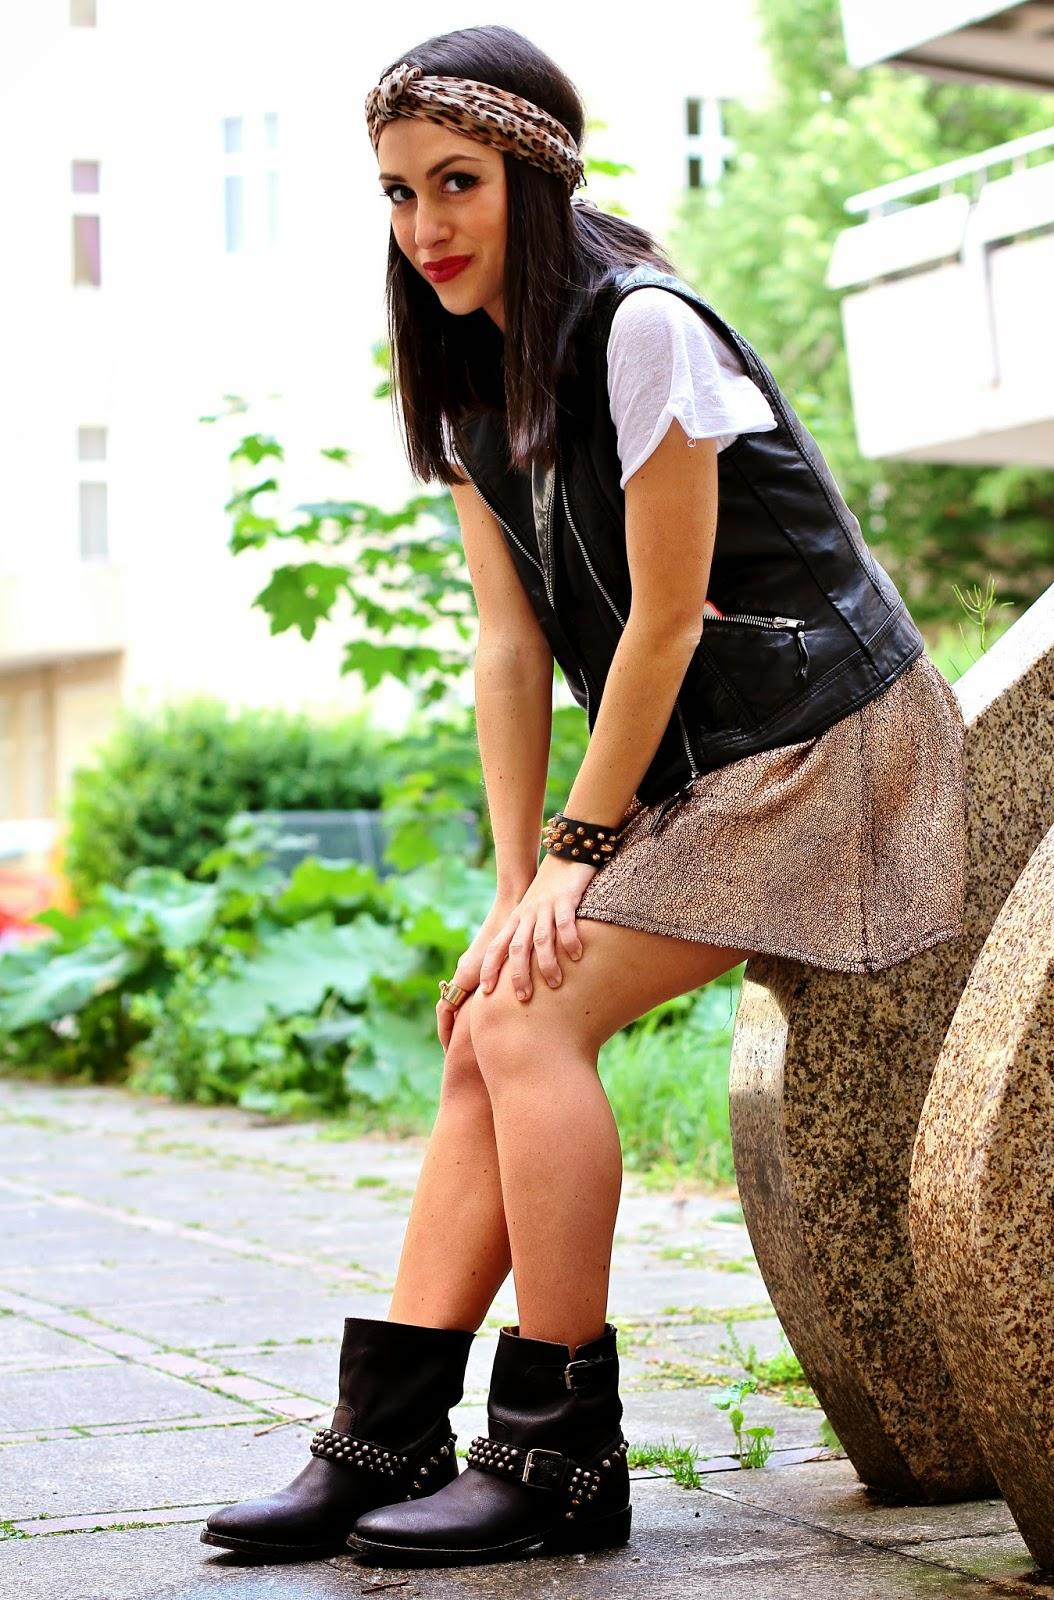 fashion-blogger-berlin-2014-chic-etoile-francesca-castellano